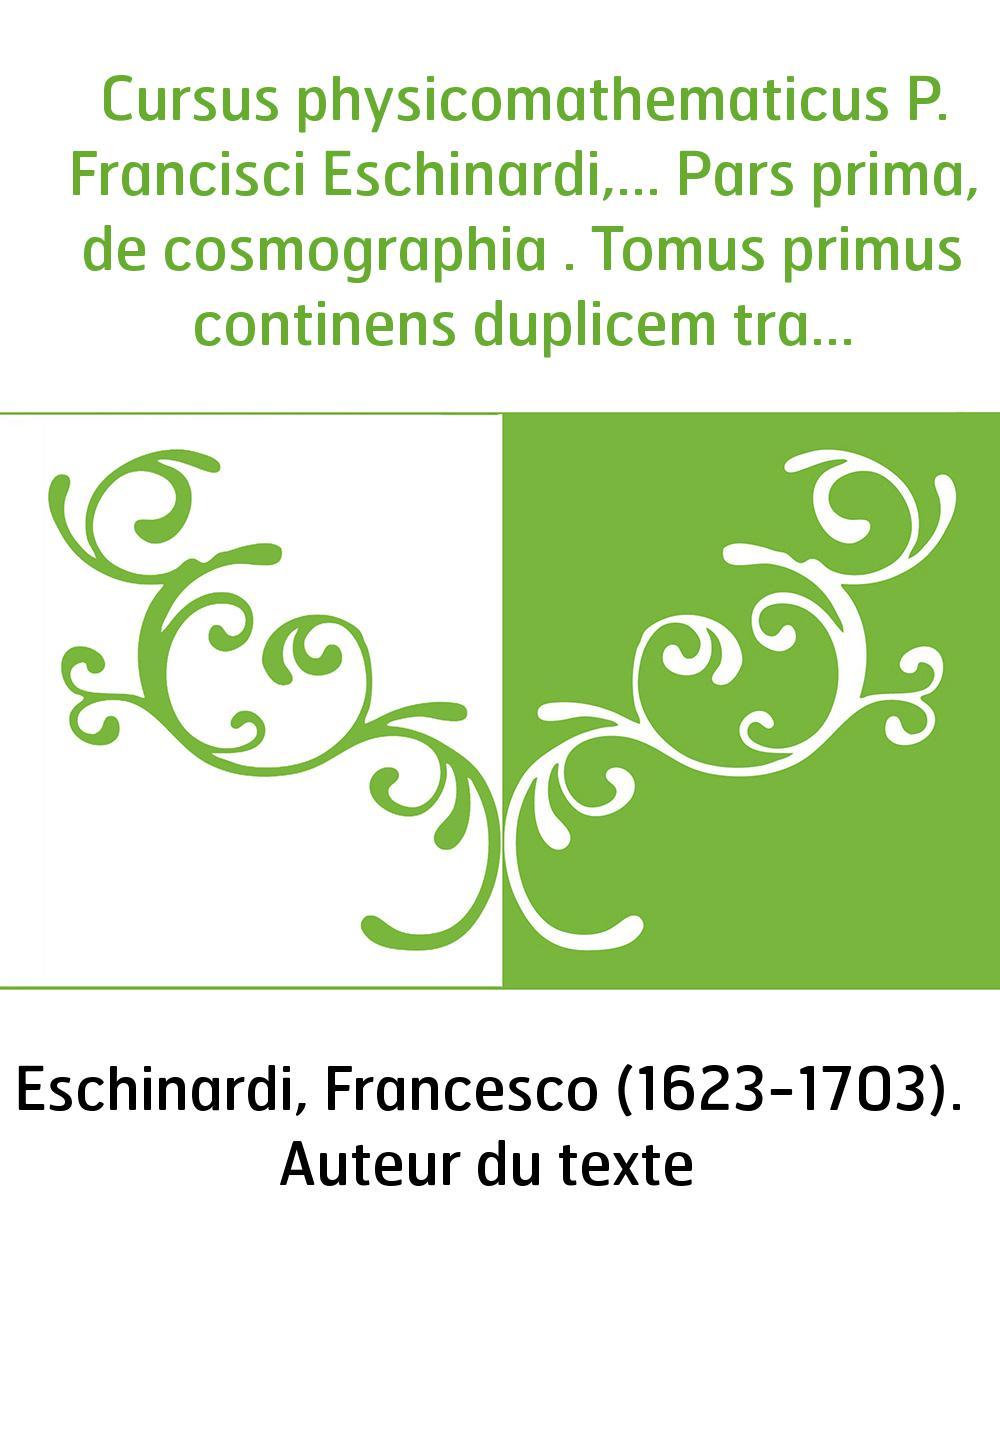 Cursus physicomathematicus P. Francisci Eschinardi,... Pars prima, de cosmographia . Tomus primus continens duplicem tractatum,